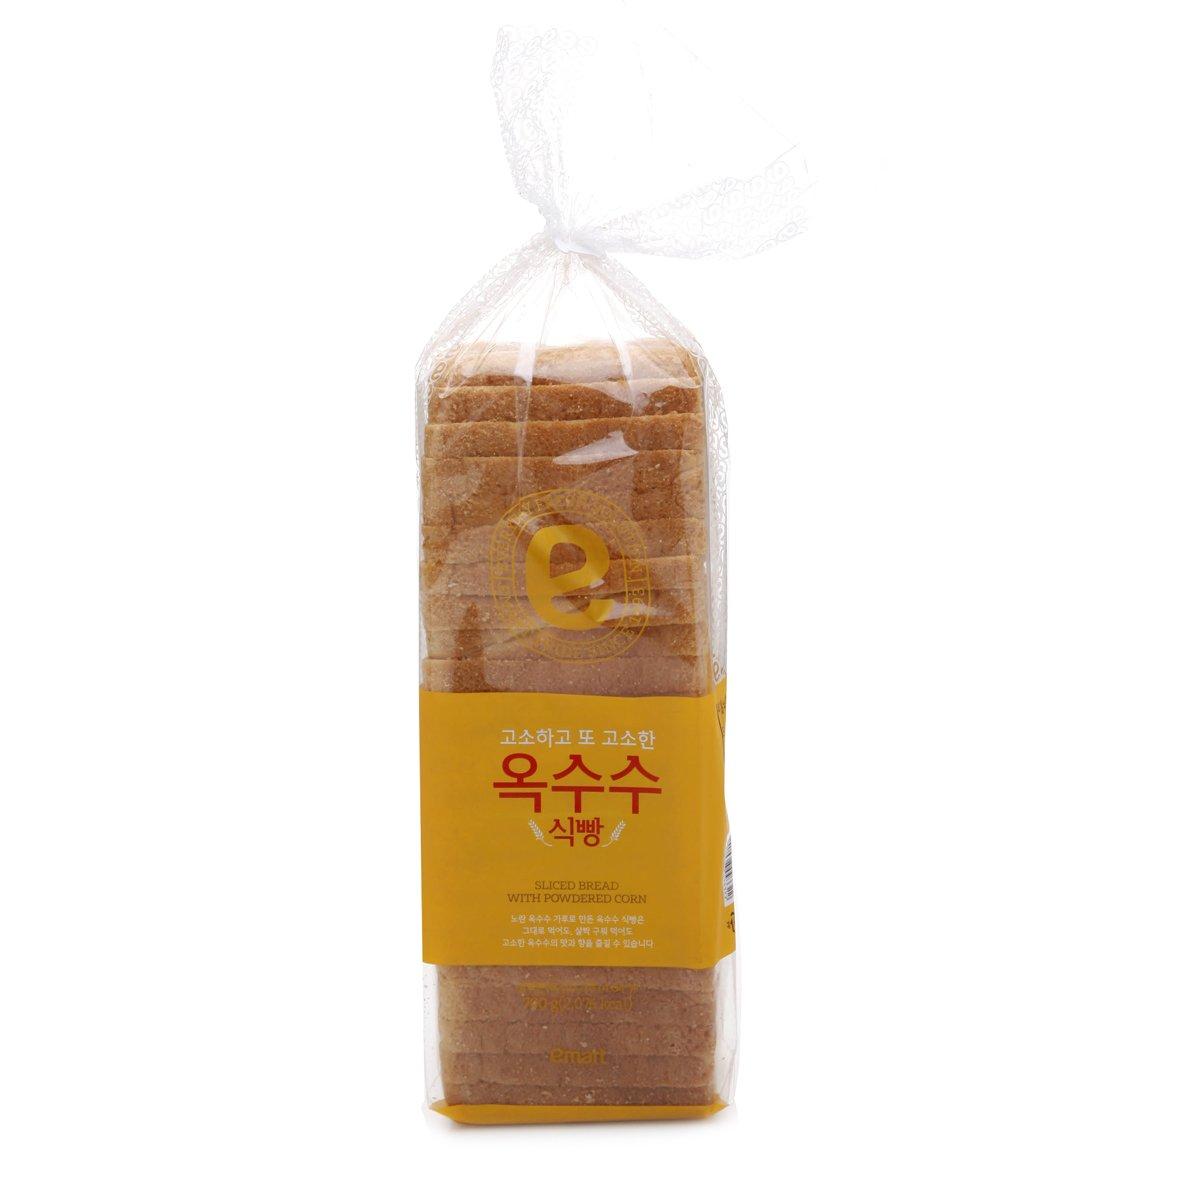 [이마트] 옥수수 식빵 700g